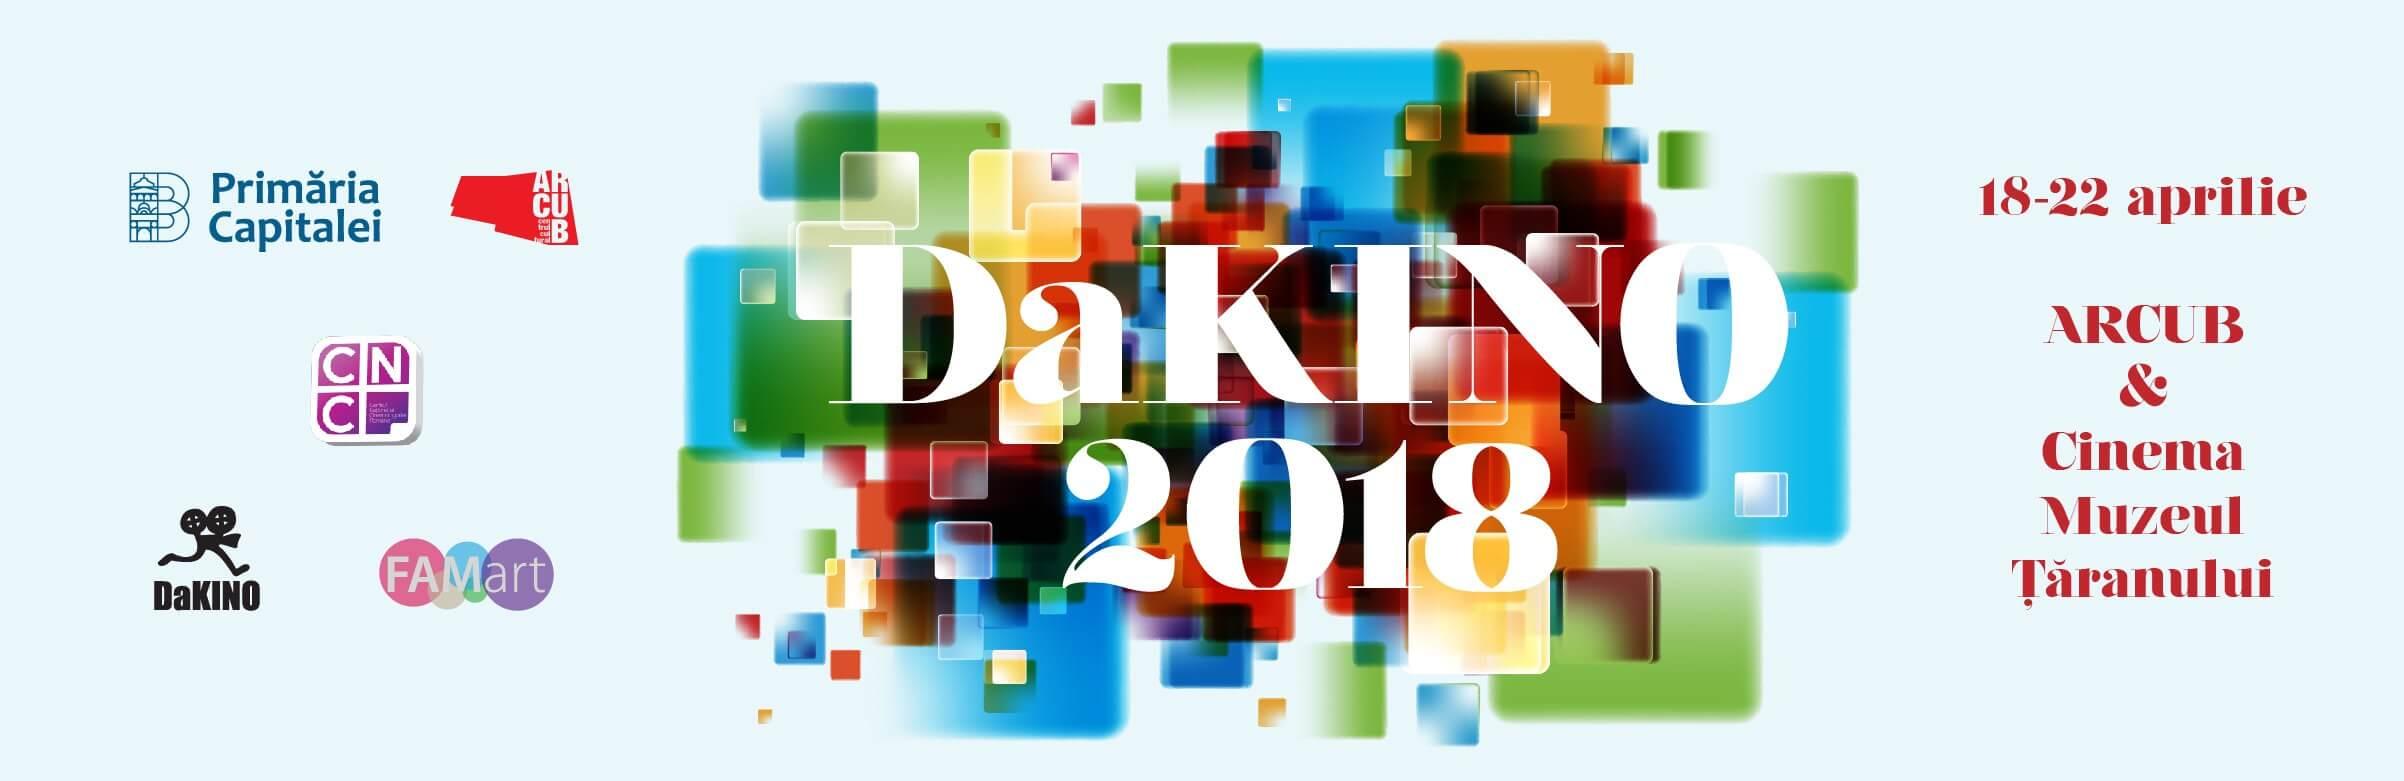 Dakino